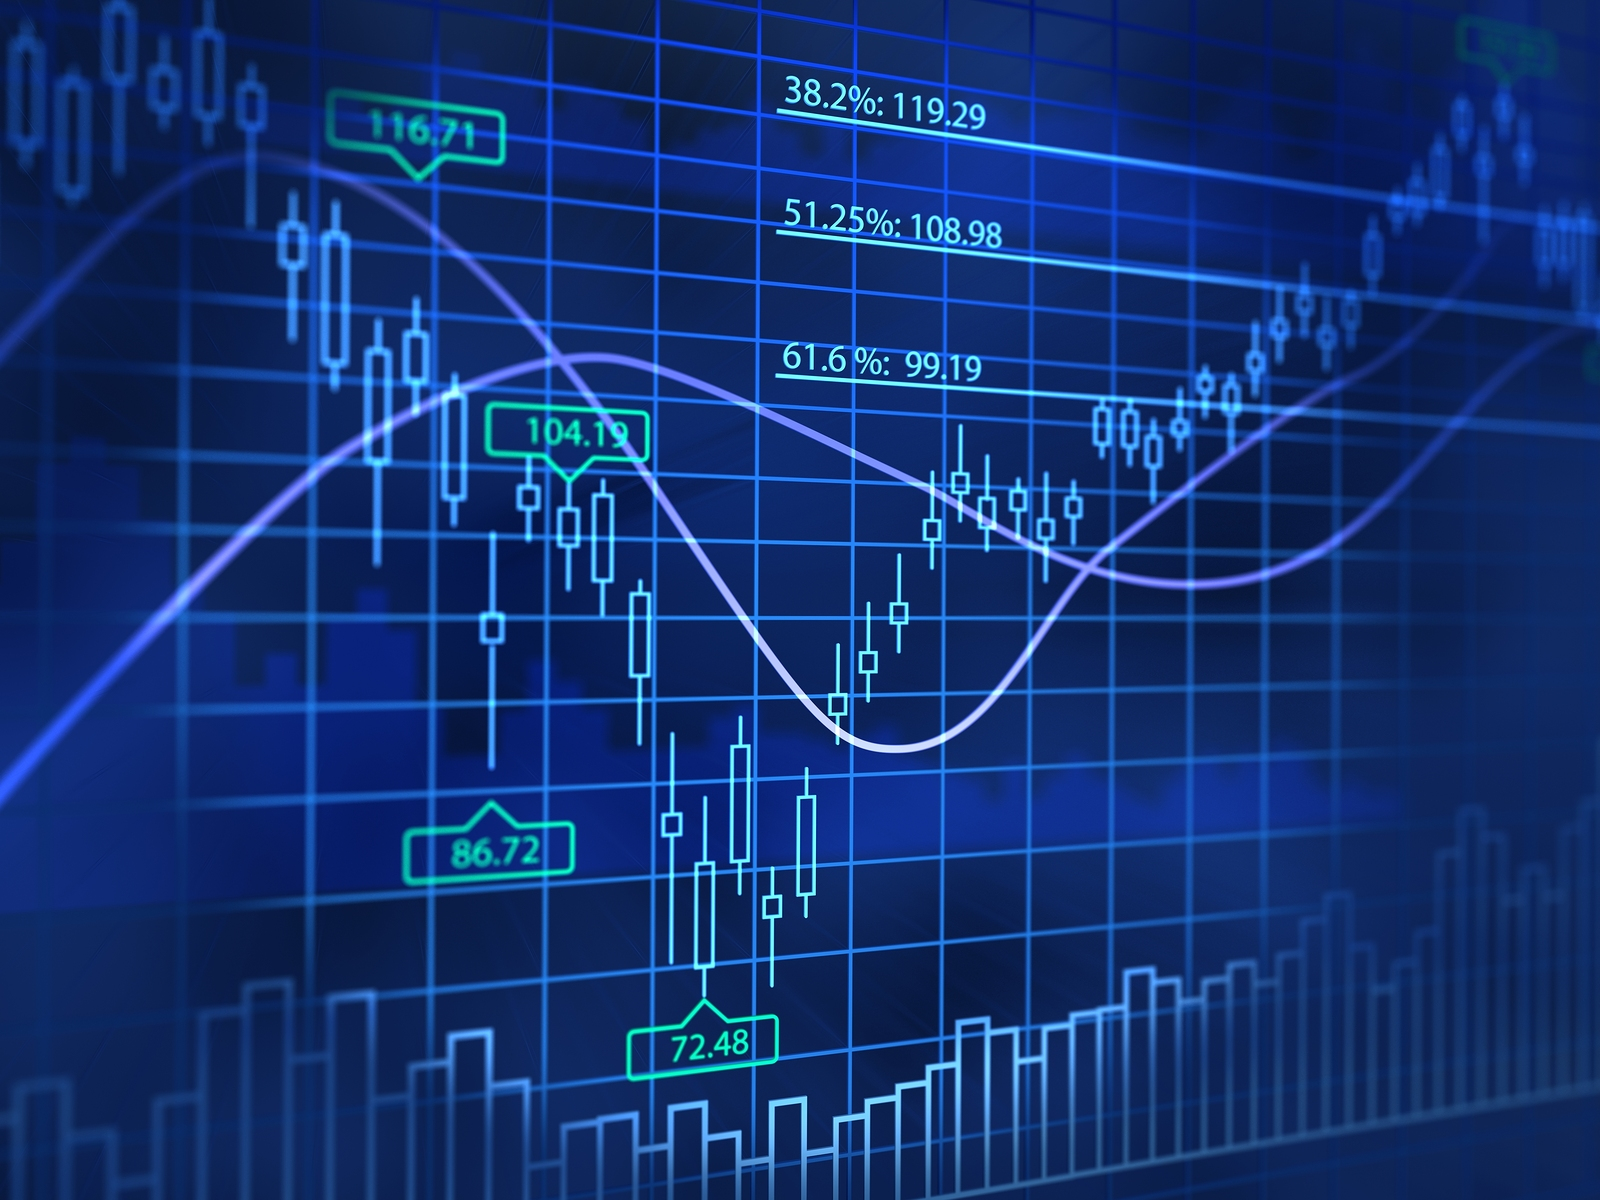 Форекс обучение барнаул форекс прогнозы курс доллара на сегодня